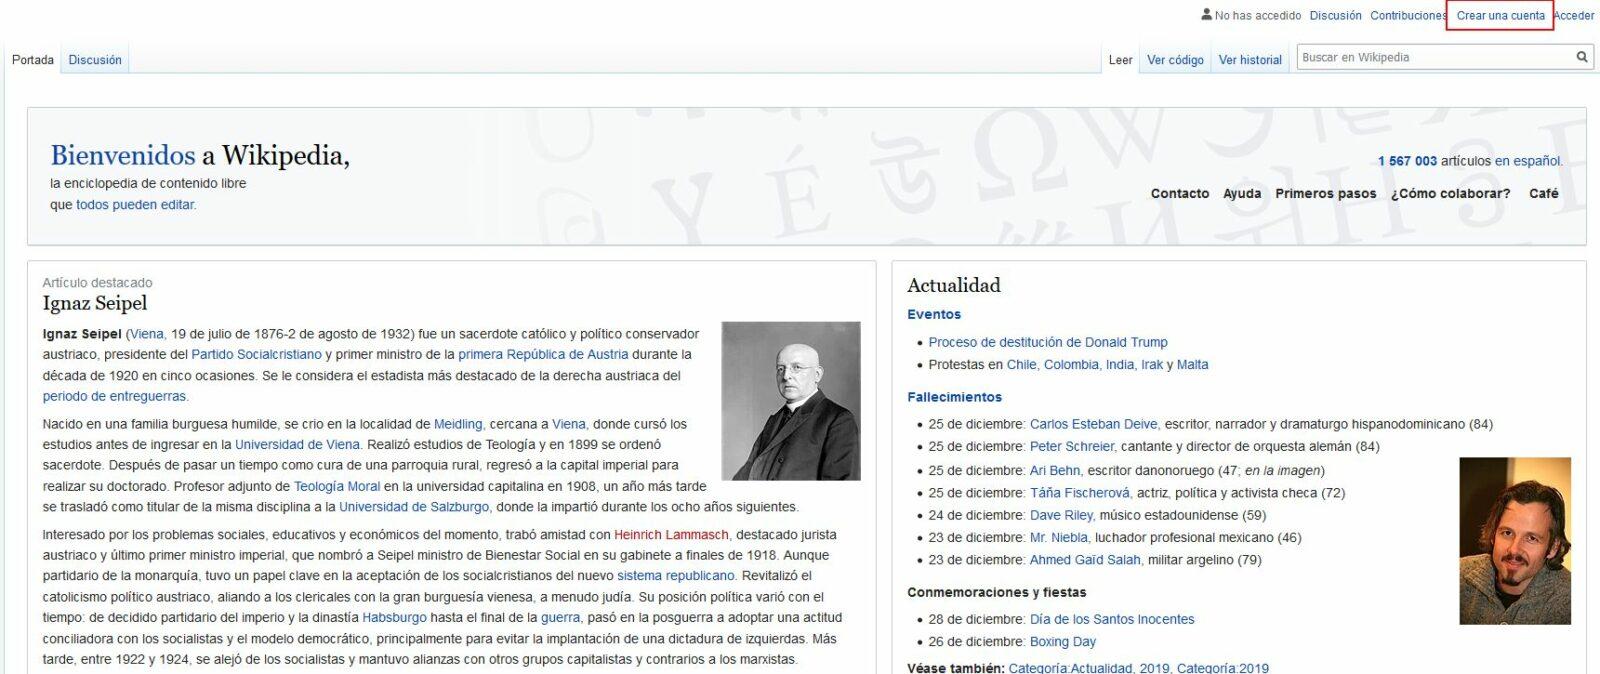 Imagen de cómo crear una cuenta en Wikipedia